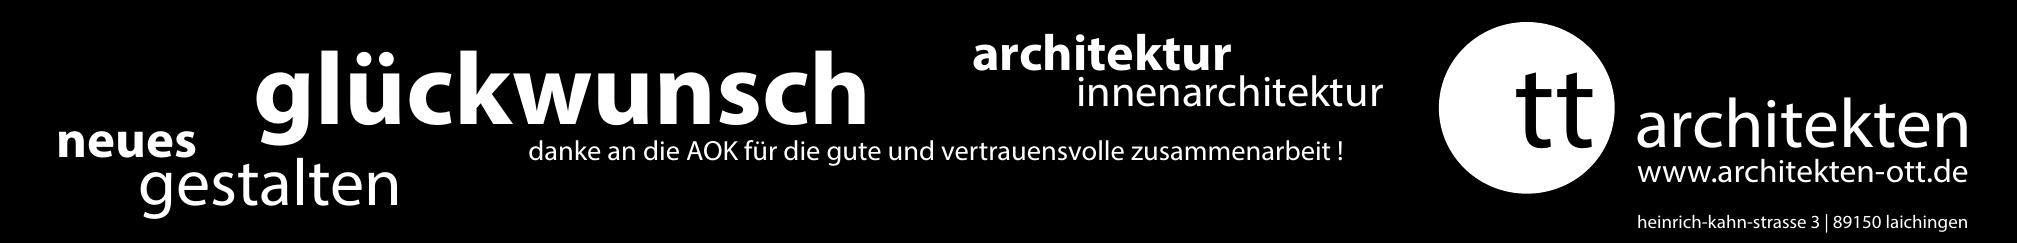 ott_architekten